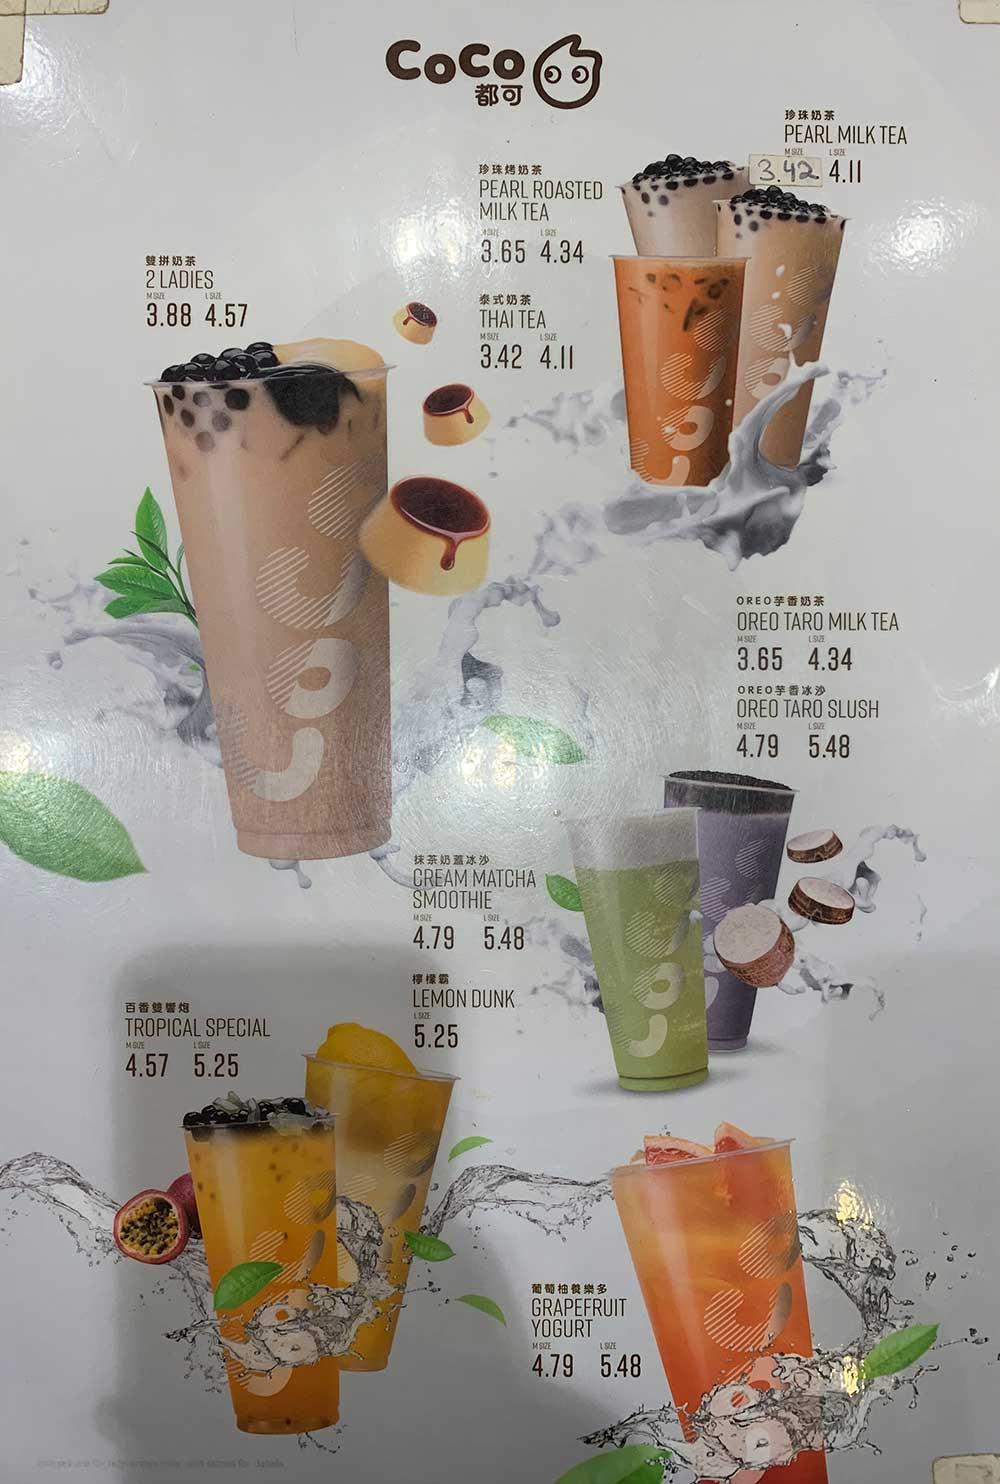 CoCo Fresh Tea & Juice 메뉴